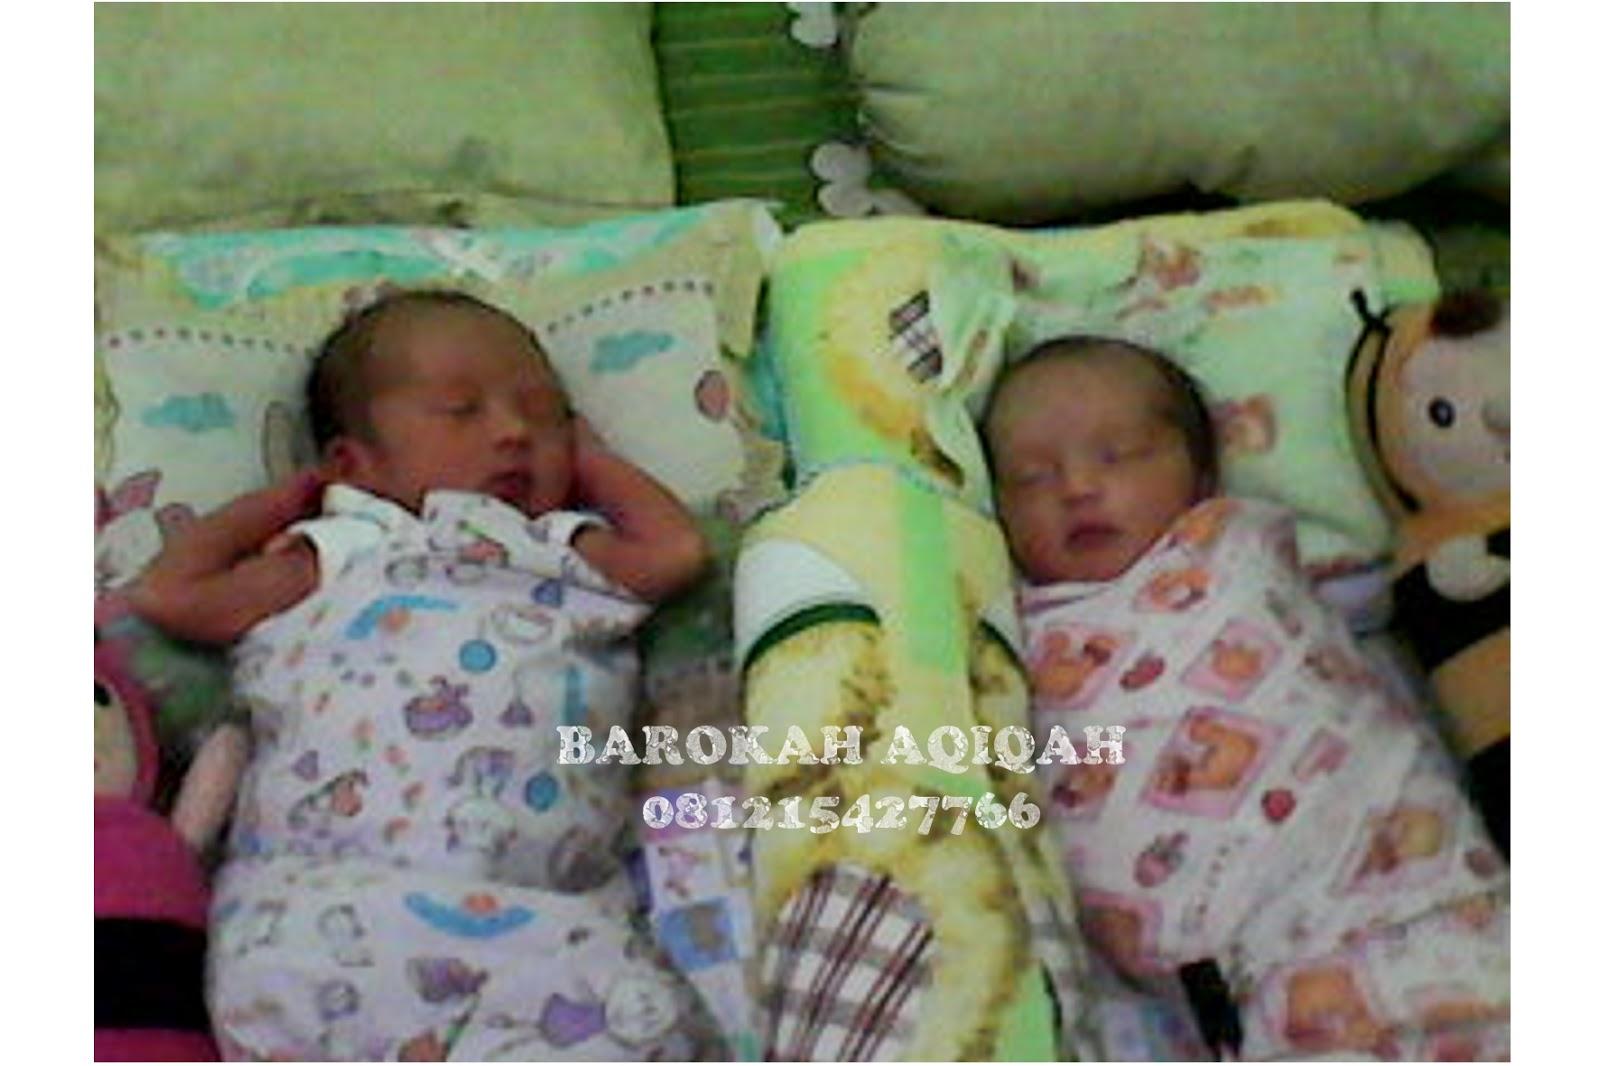 Aqiqah Untuk Dua Anak Laki Laki Kembar Barokah Aqiqah Dan Qurban